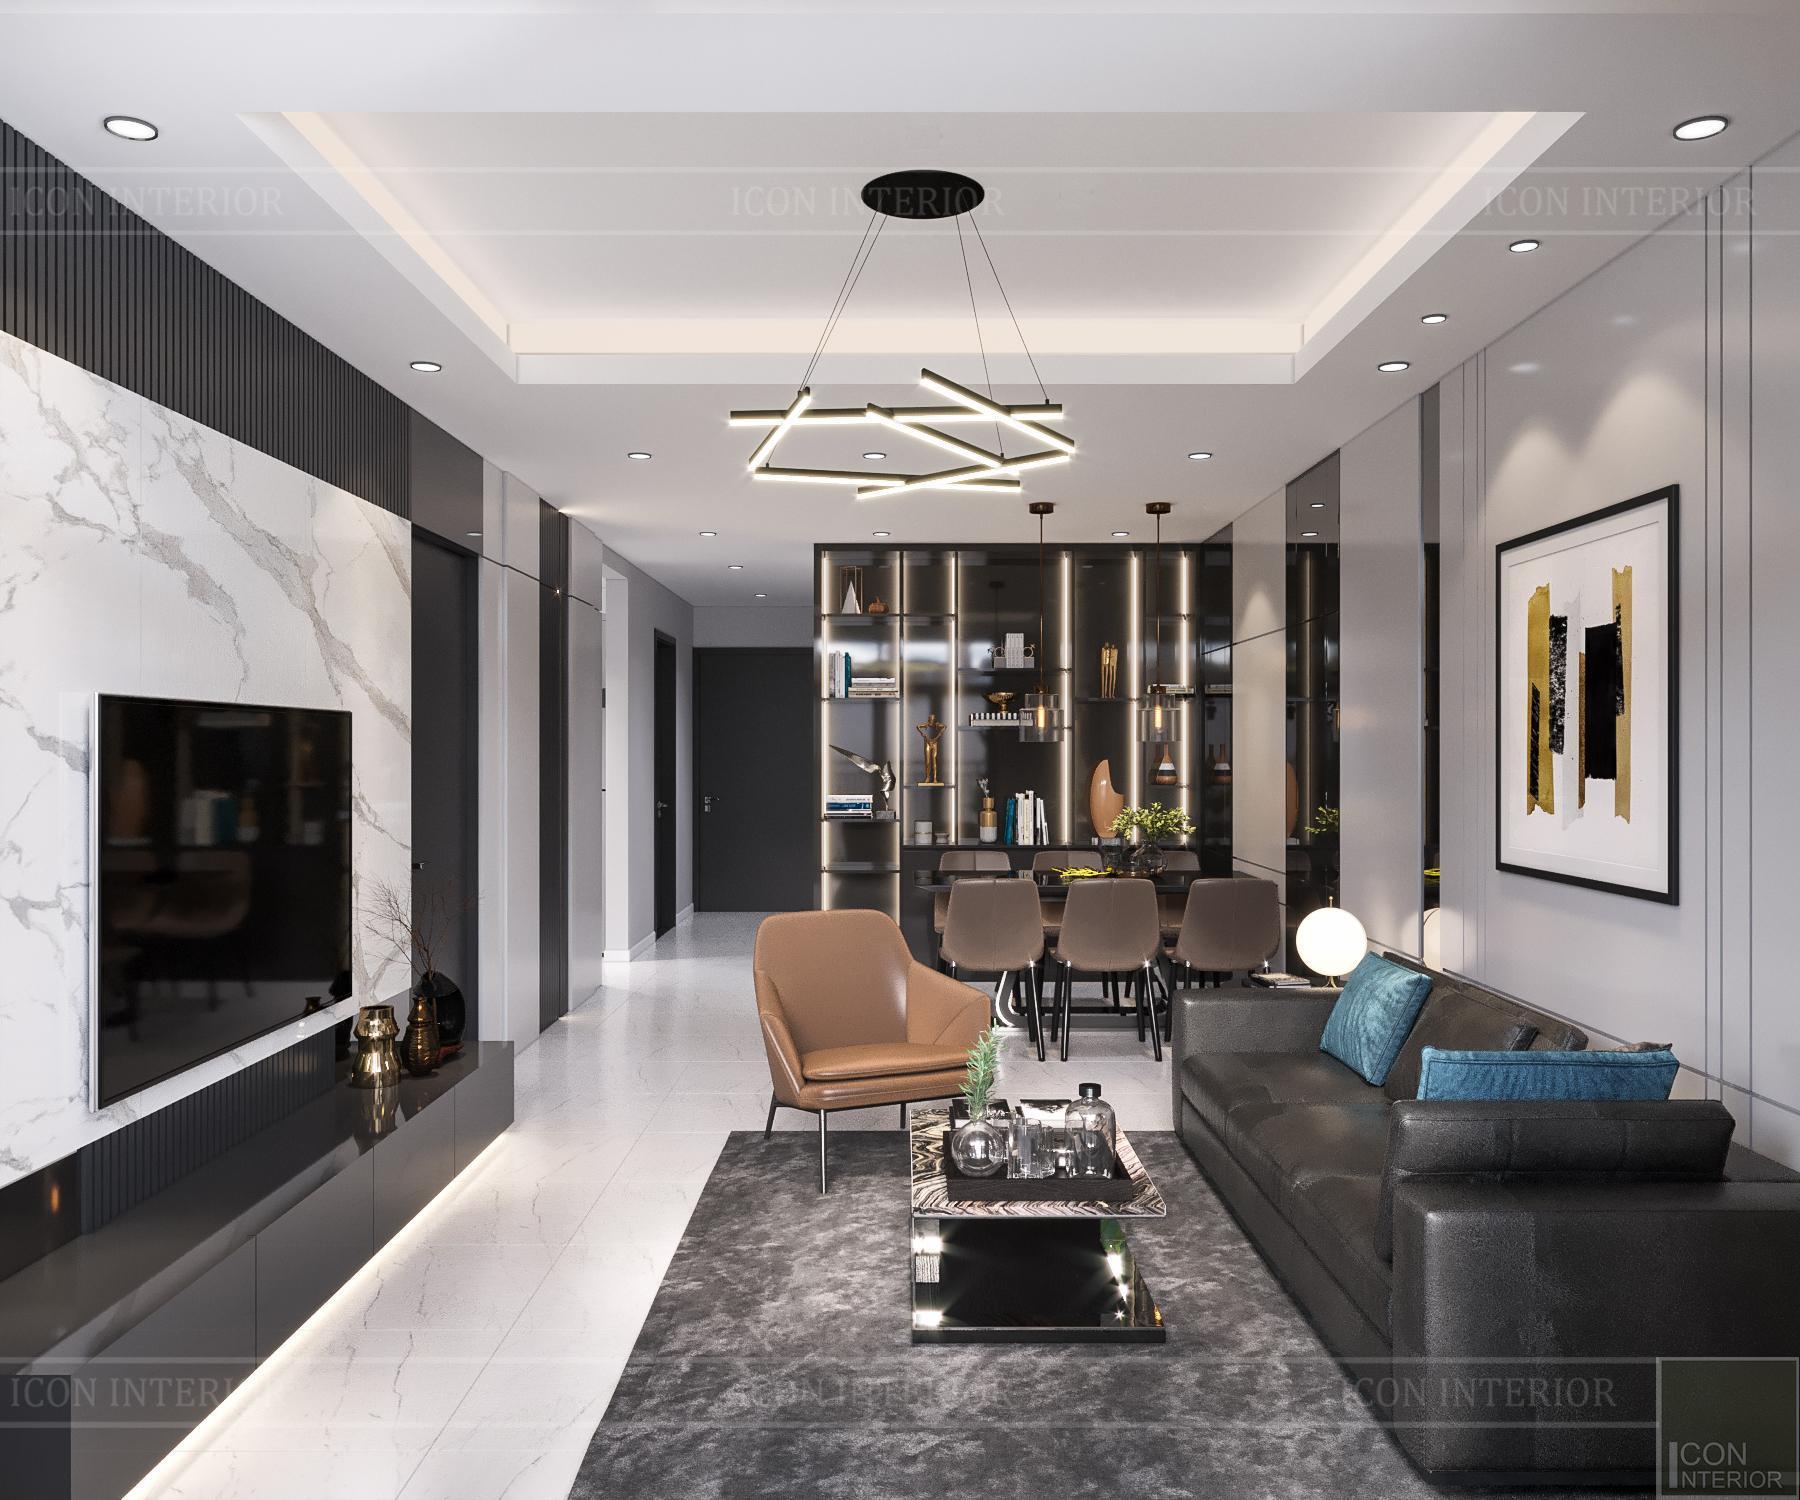 thiết kế nội thất căn hộ flemington - phòng khách 2